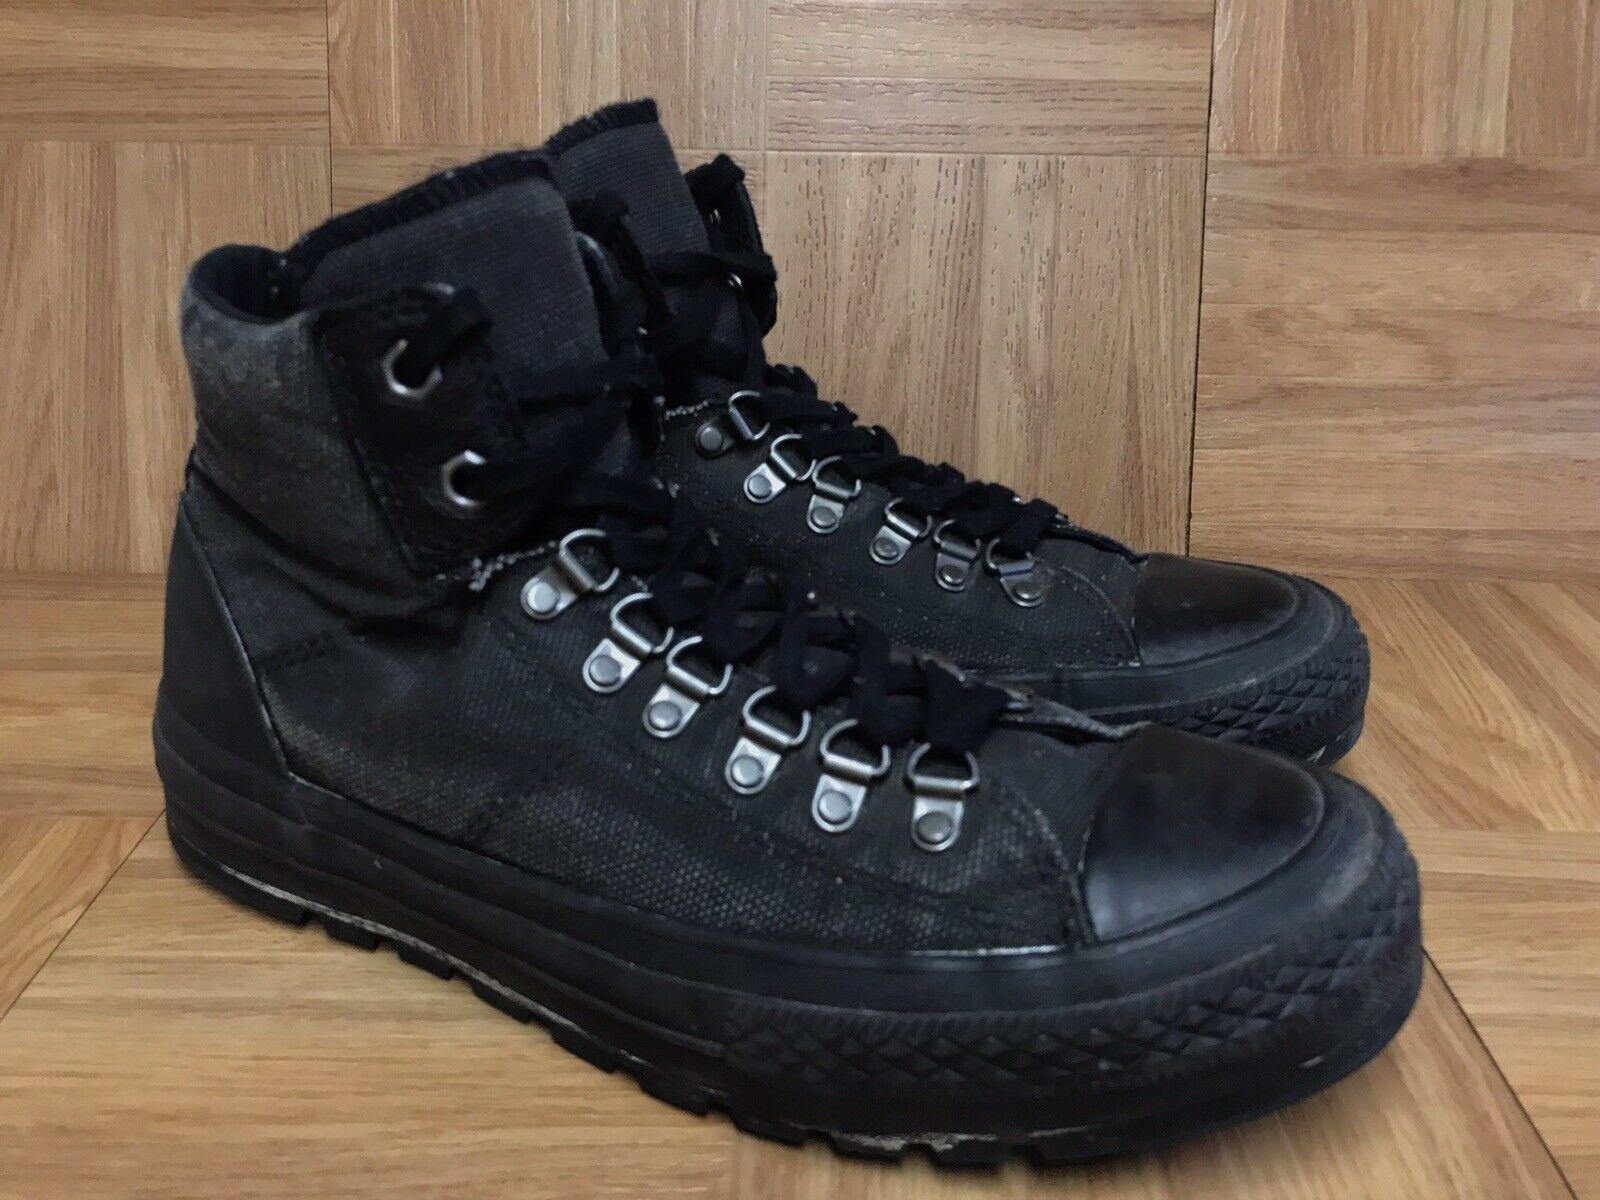 RARE  Converse All Star CT Street City Hiker Noir Sz 9 Chaussures Hommes 149381 C